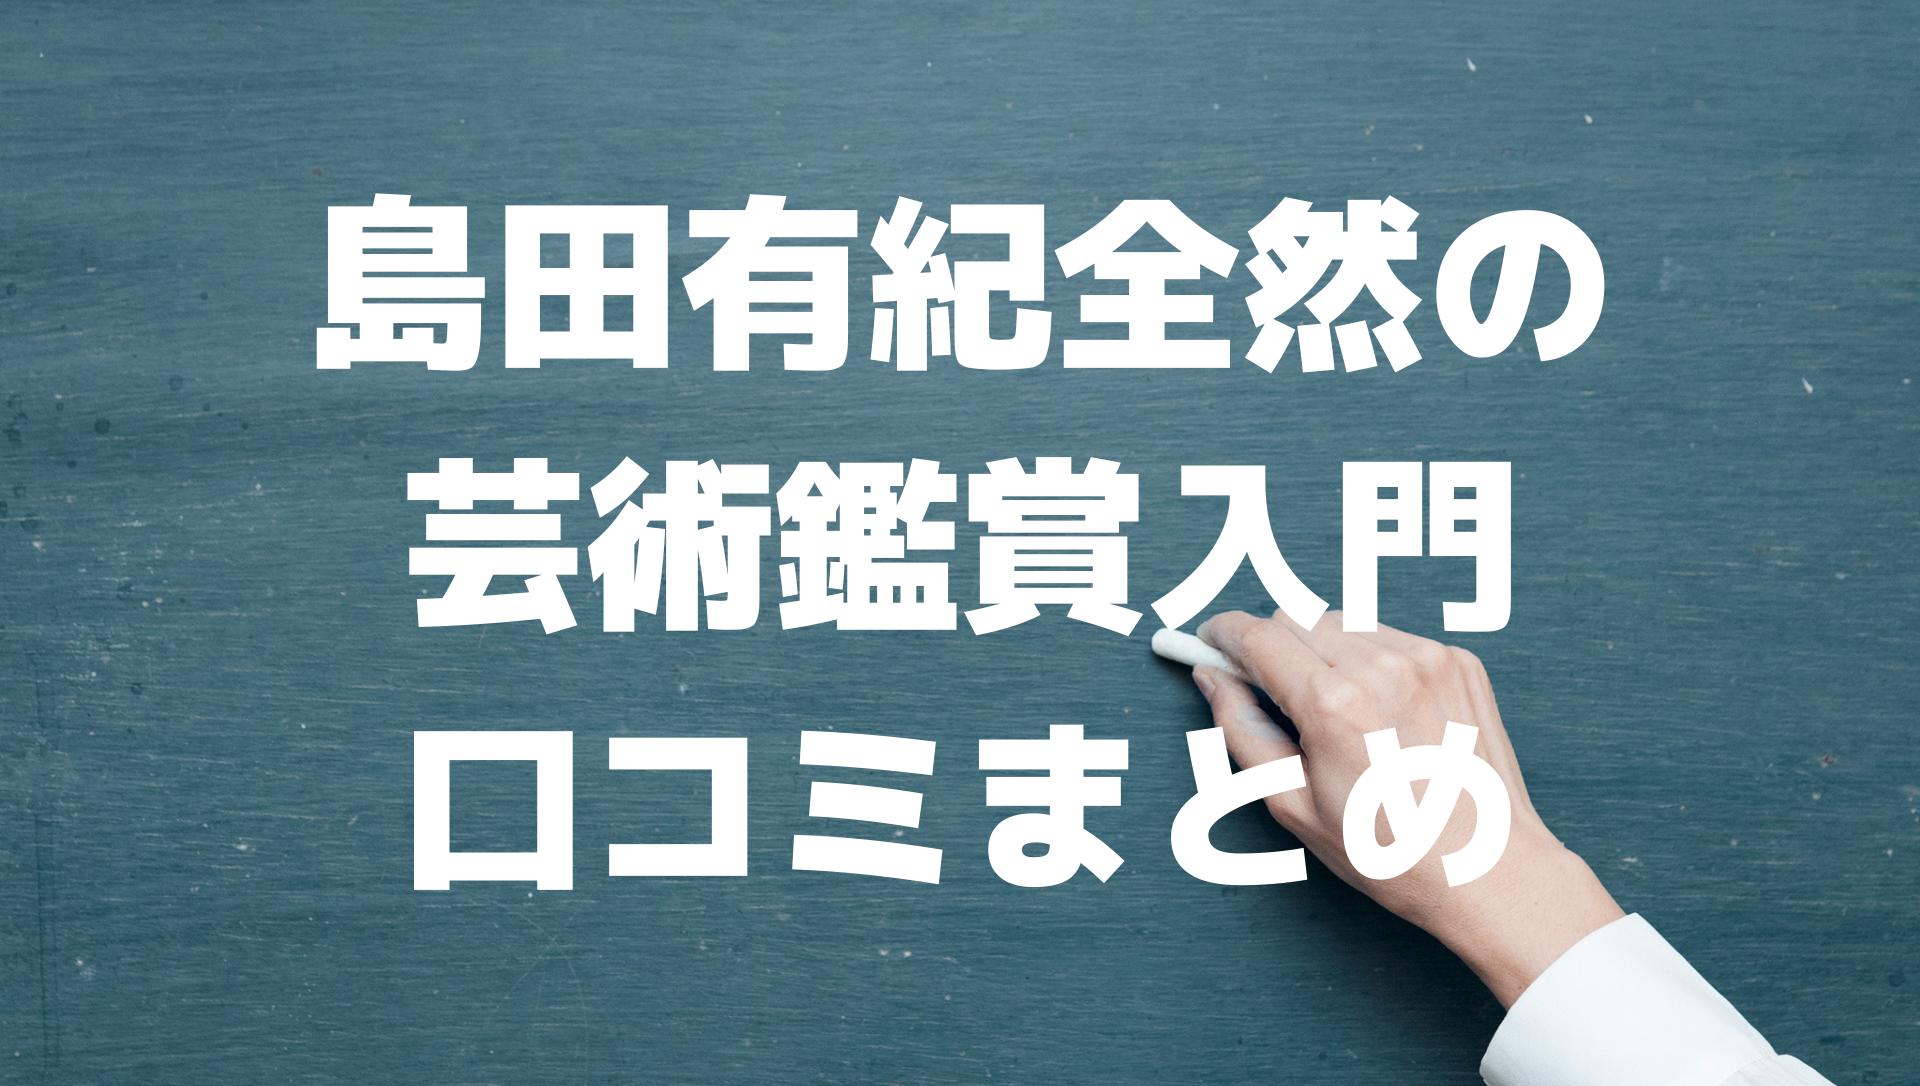 島田有紀先生の芸術鑑賞入門